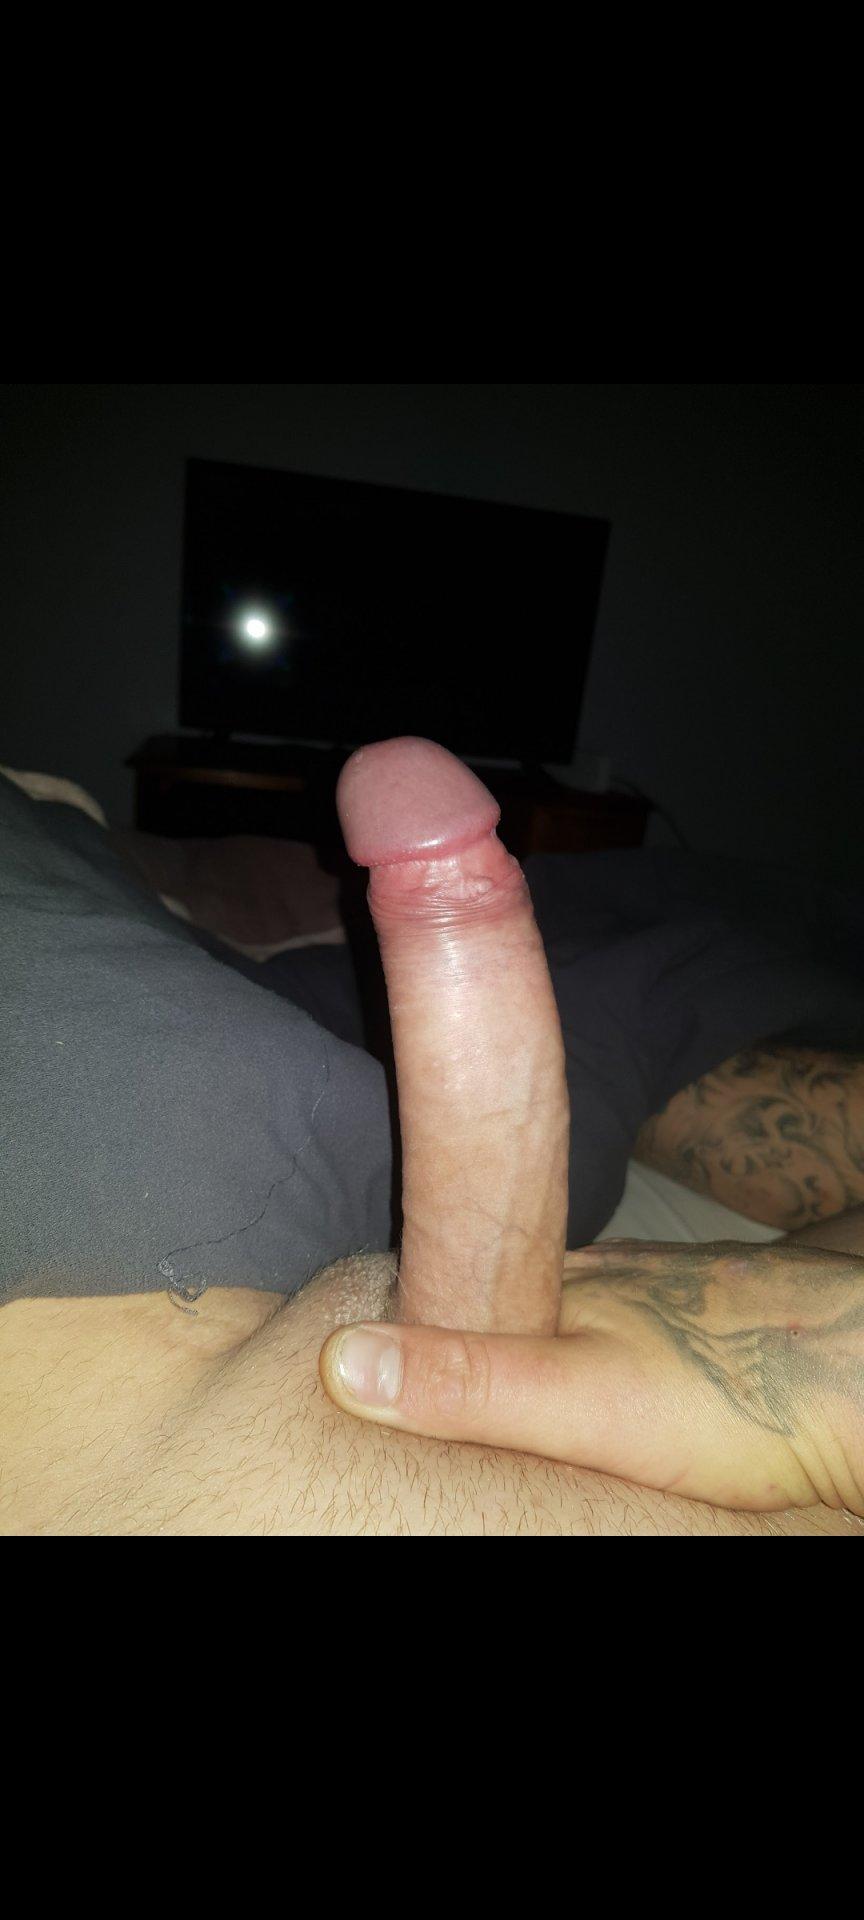 Freakyjosgie92 from Queensland,Australia